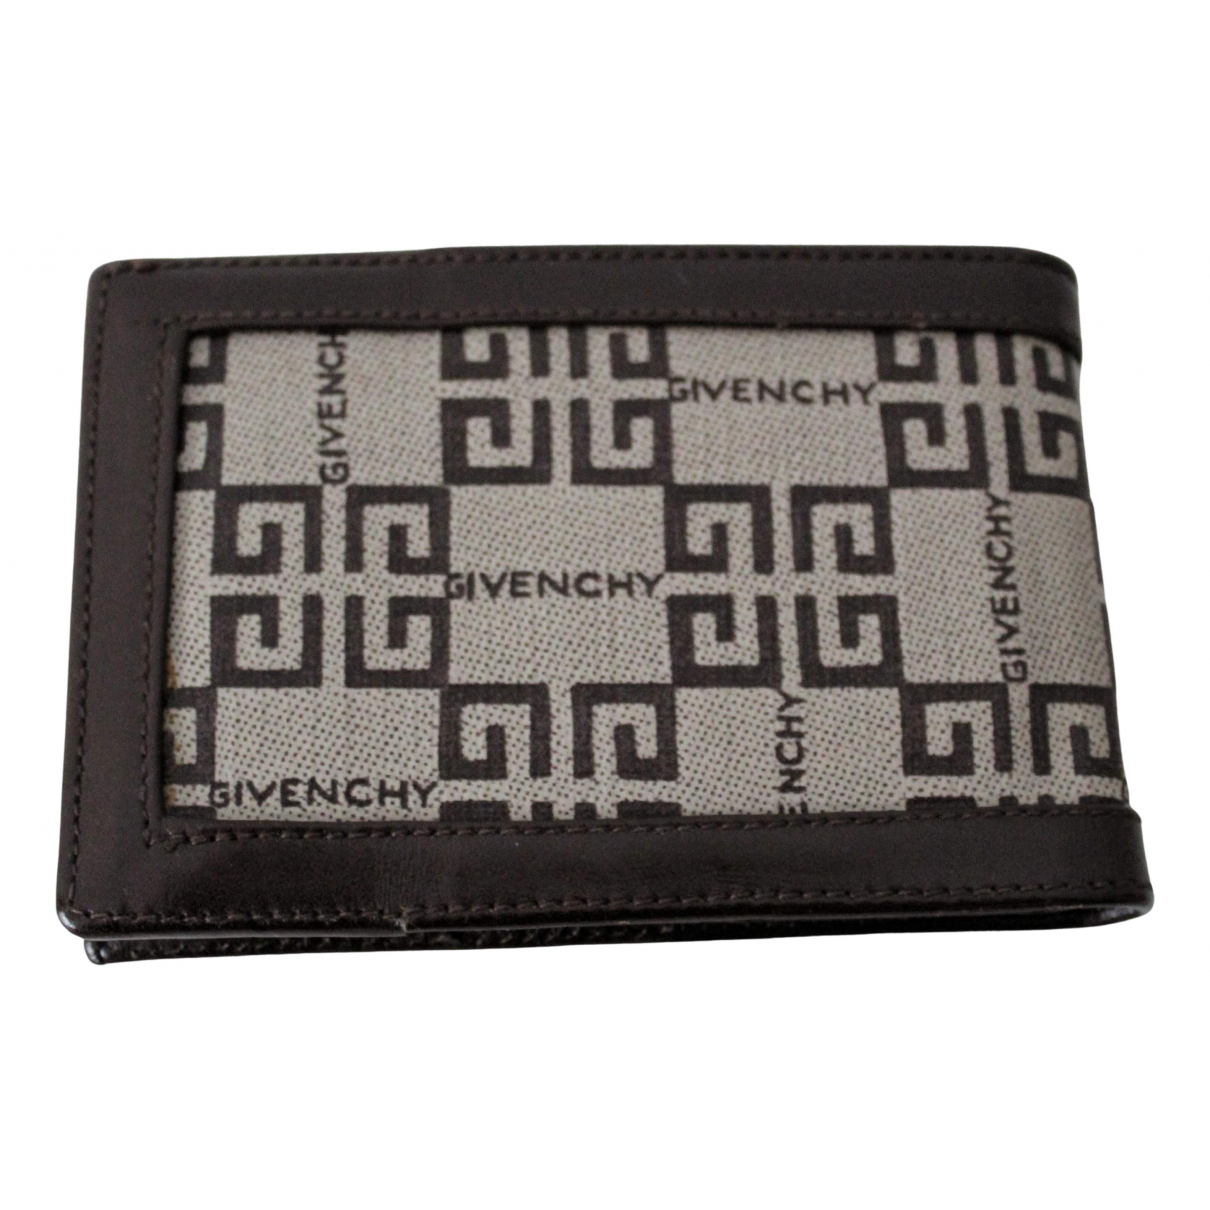 Givenchy \N Kleinlederwaren in  Beige / Kastanienbraun Leinen